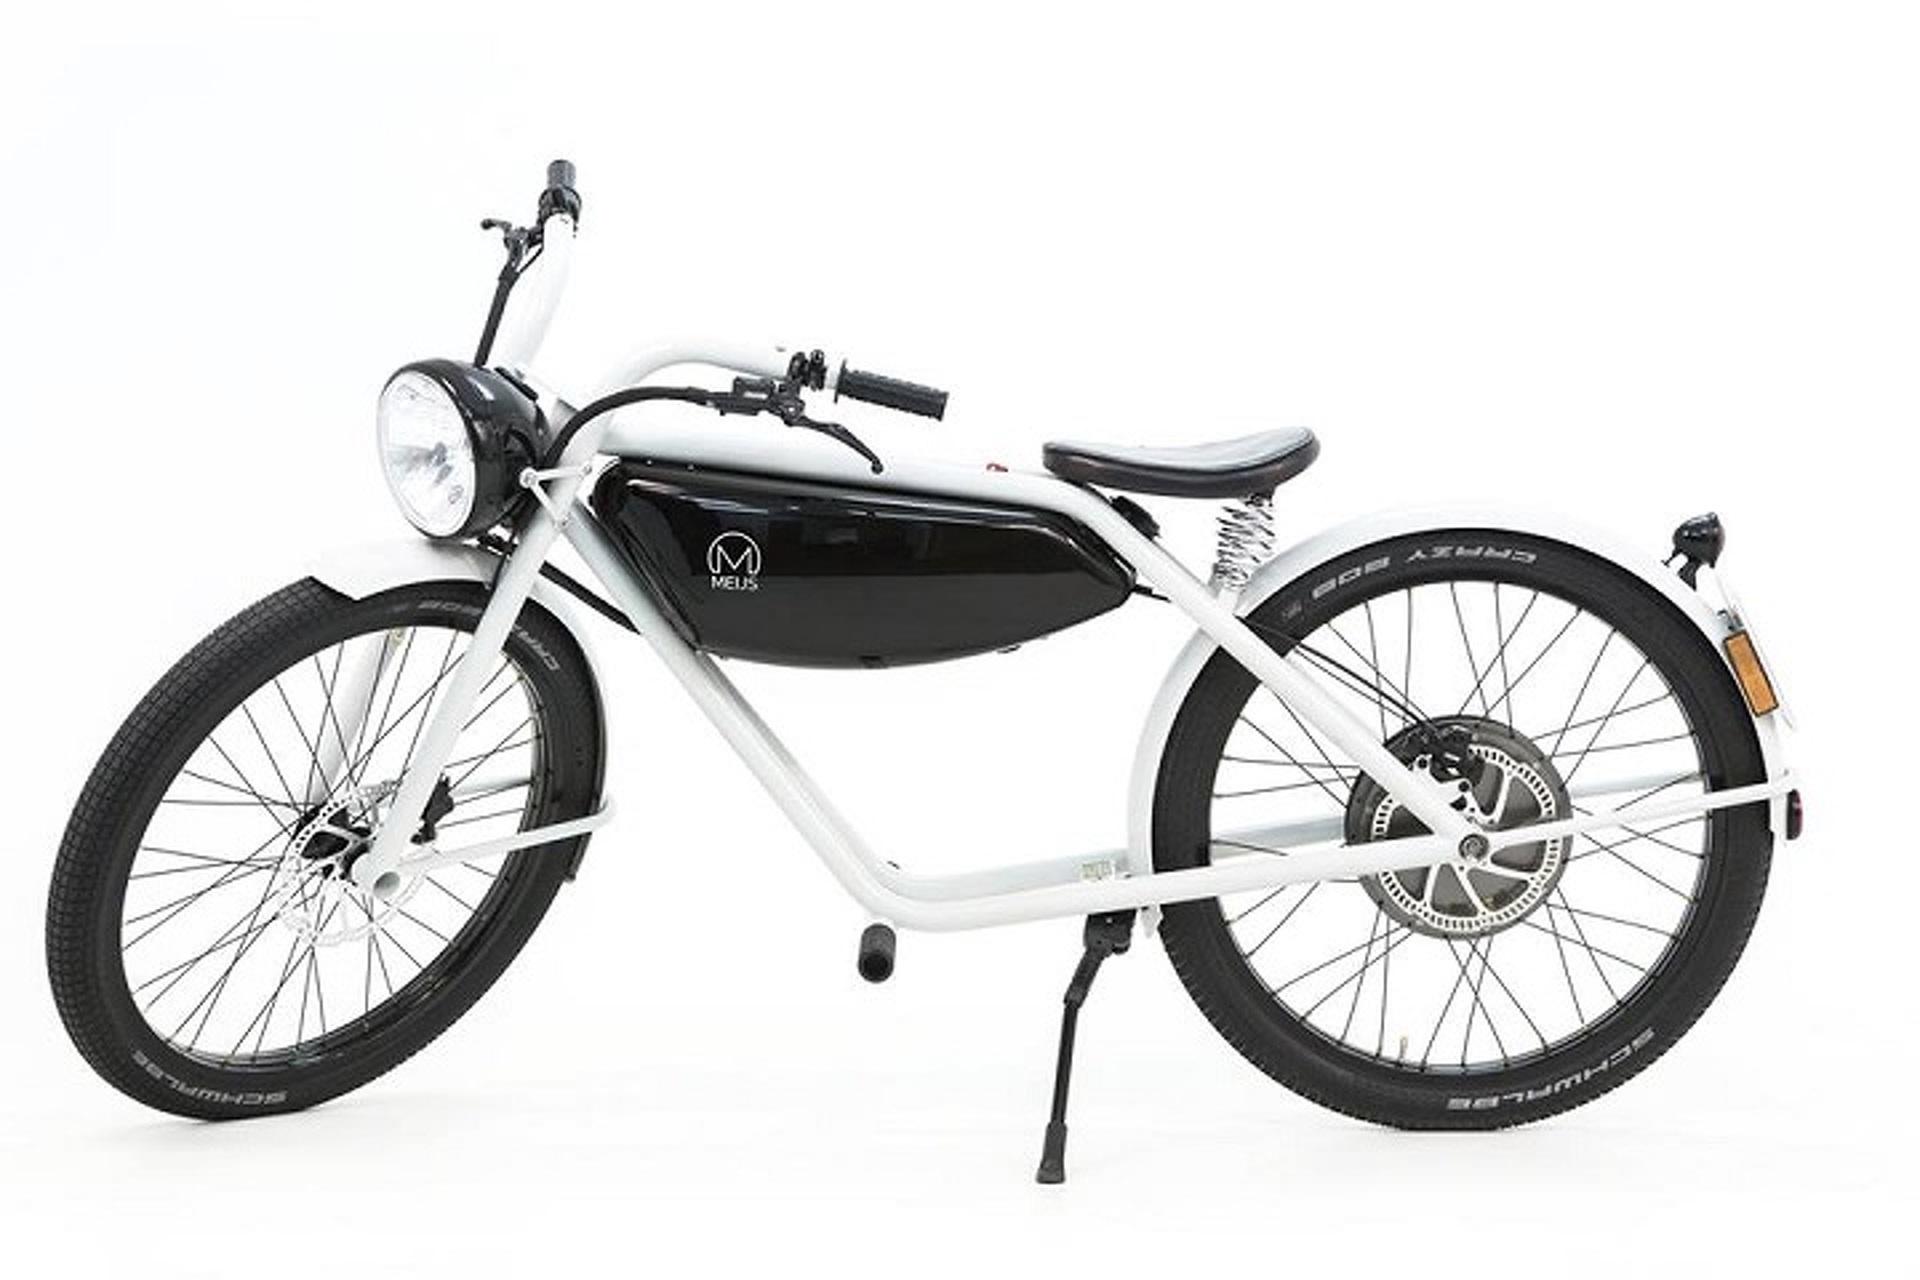 The Meijs Motorman is One Beautiful Electric Moped